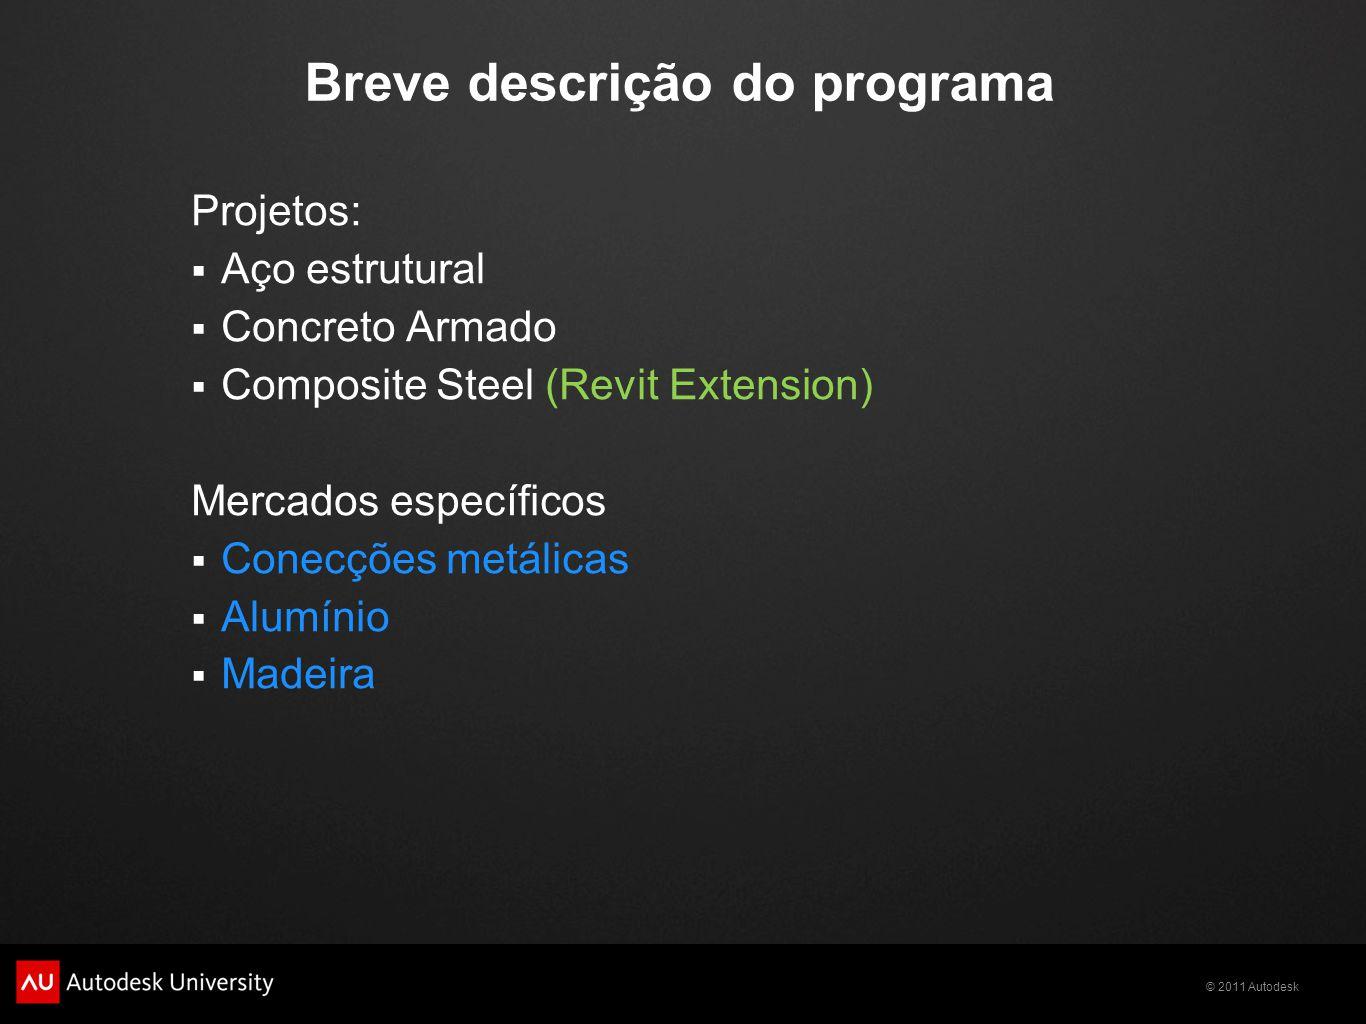 © 2011 Autodesk Breve descrição do programa Projetos:  Aço estrutural  Concreto Armado  Composite Steel (Revit Extension) Mercados específicos  Conecções metálicas  Alumínio  Madeira